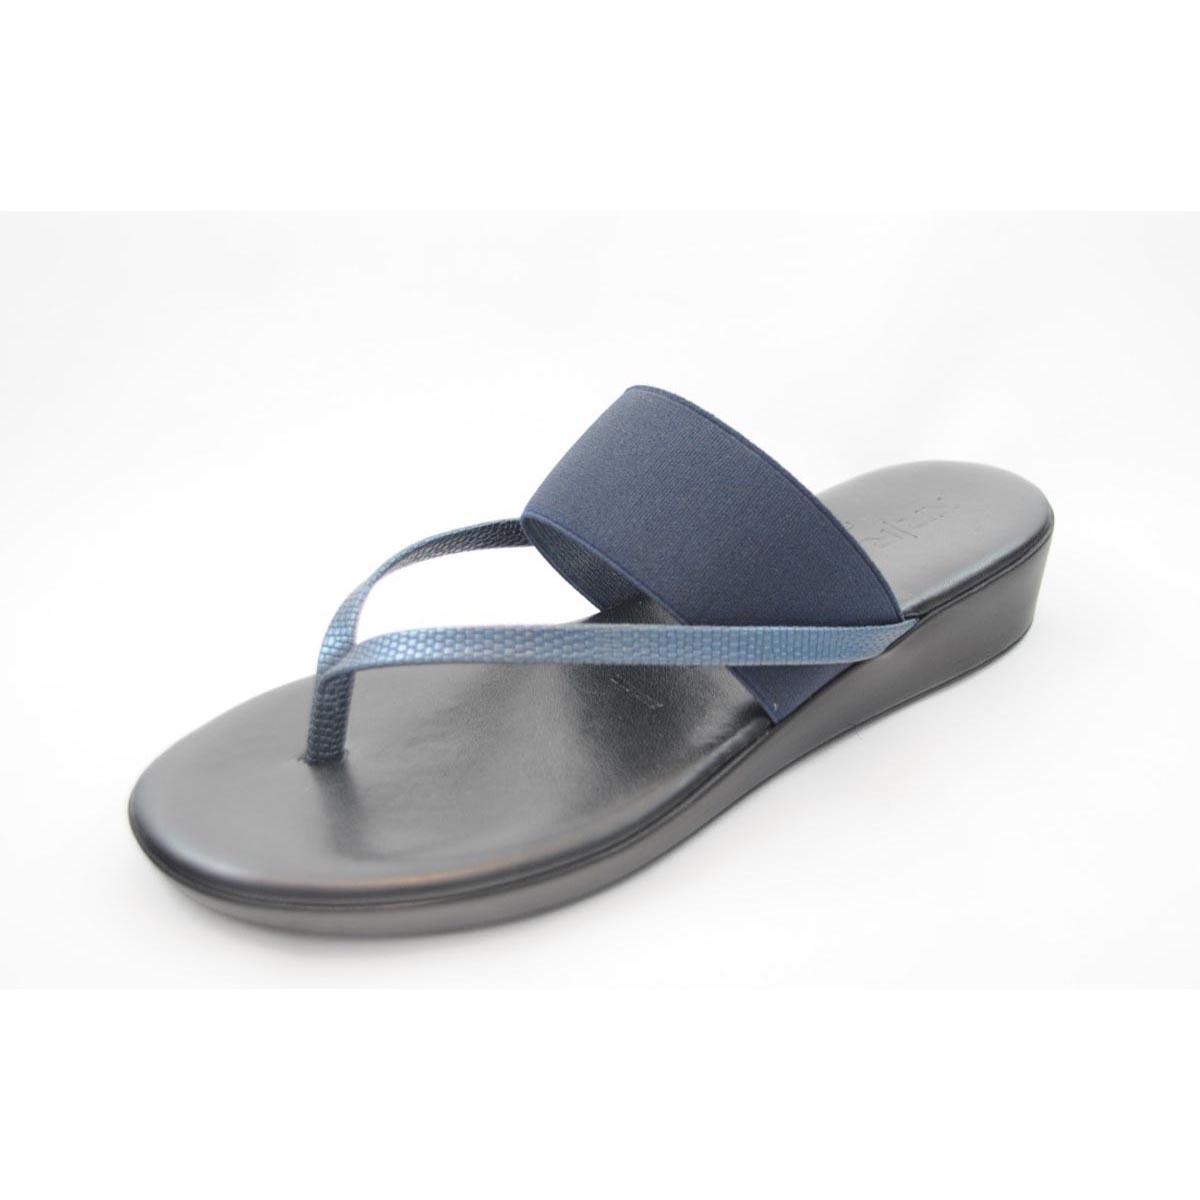 Rapisardi - Milena1 Navy Wedge Sandal